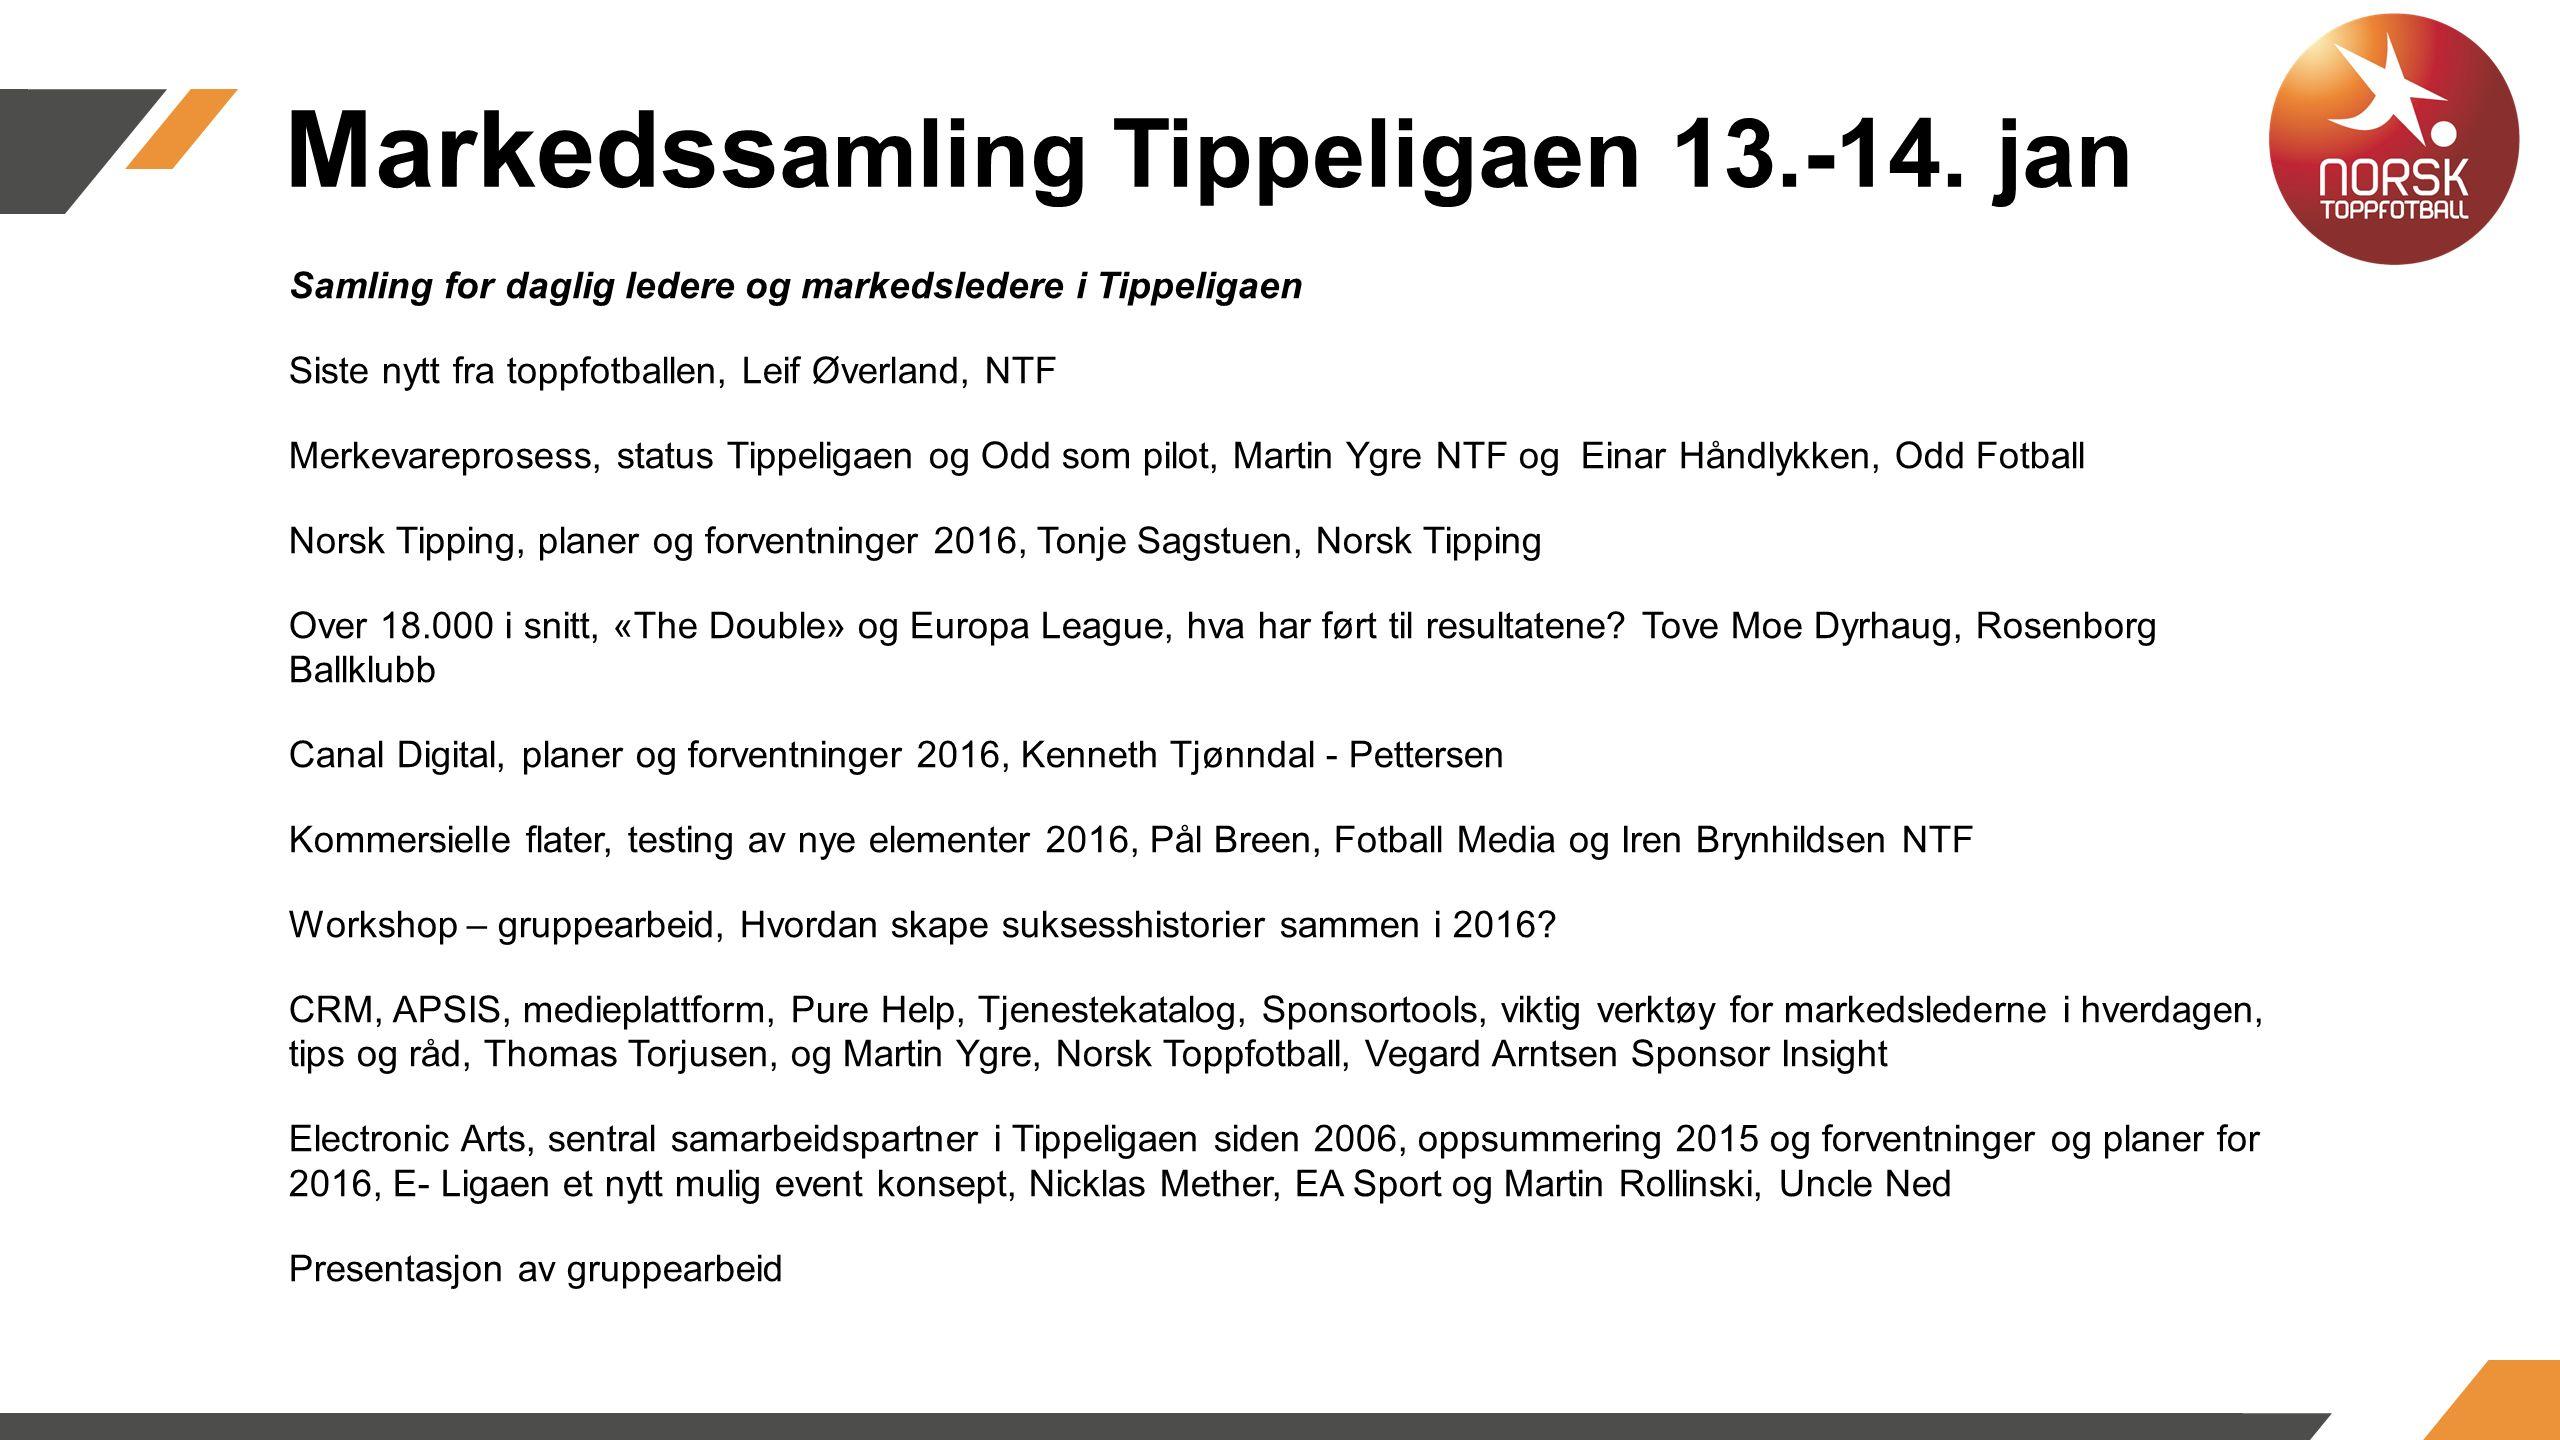 Markedss amling Tippeligaen 13.-14.